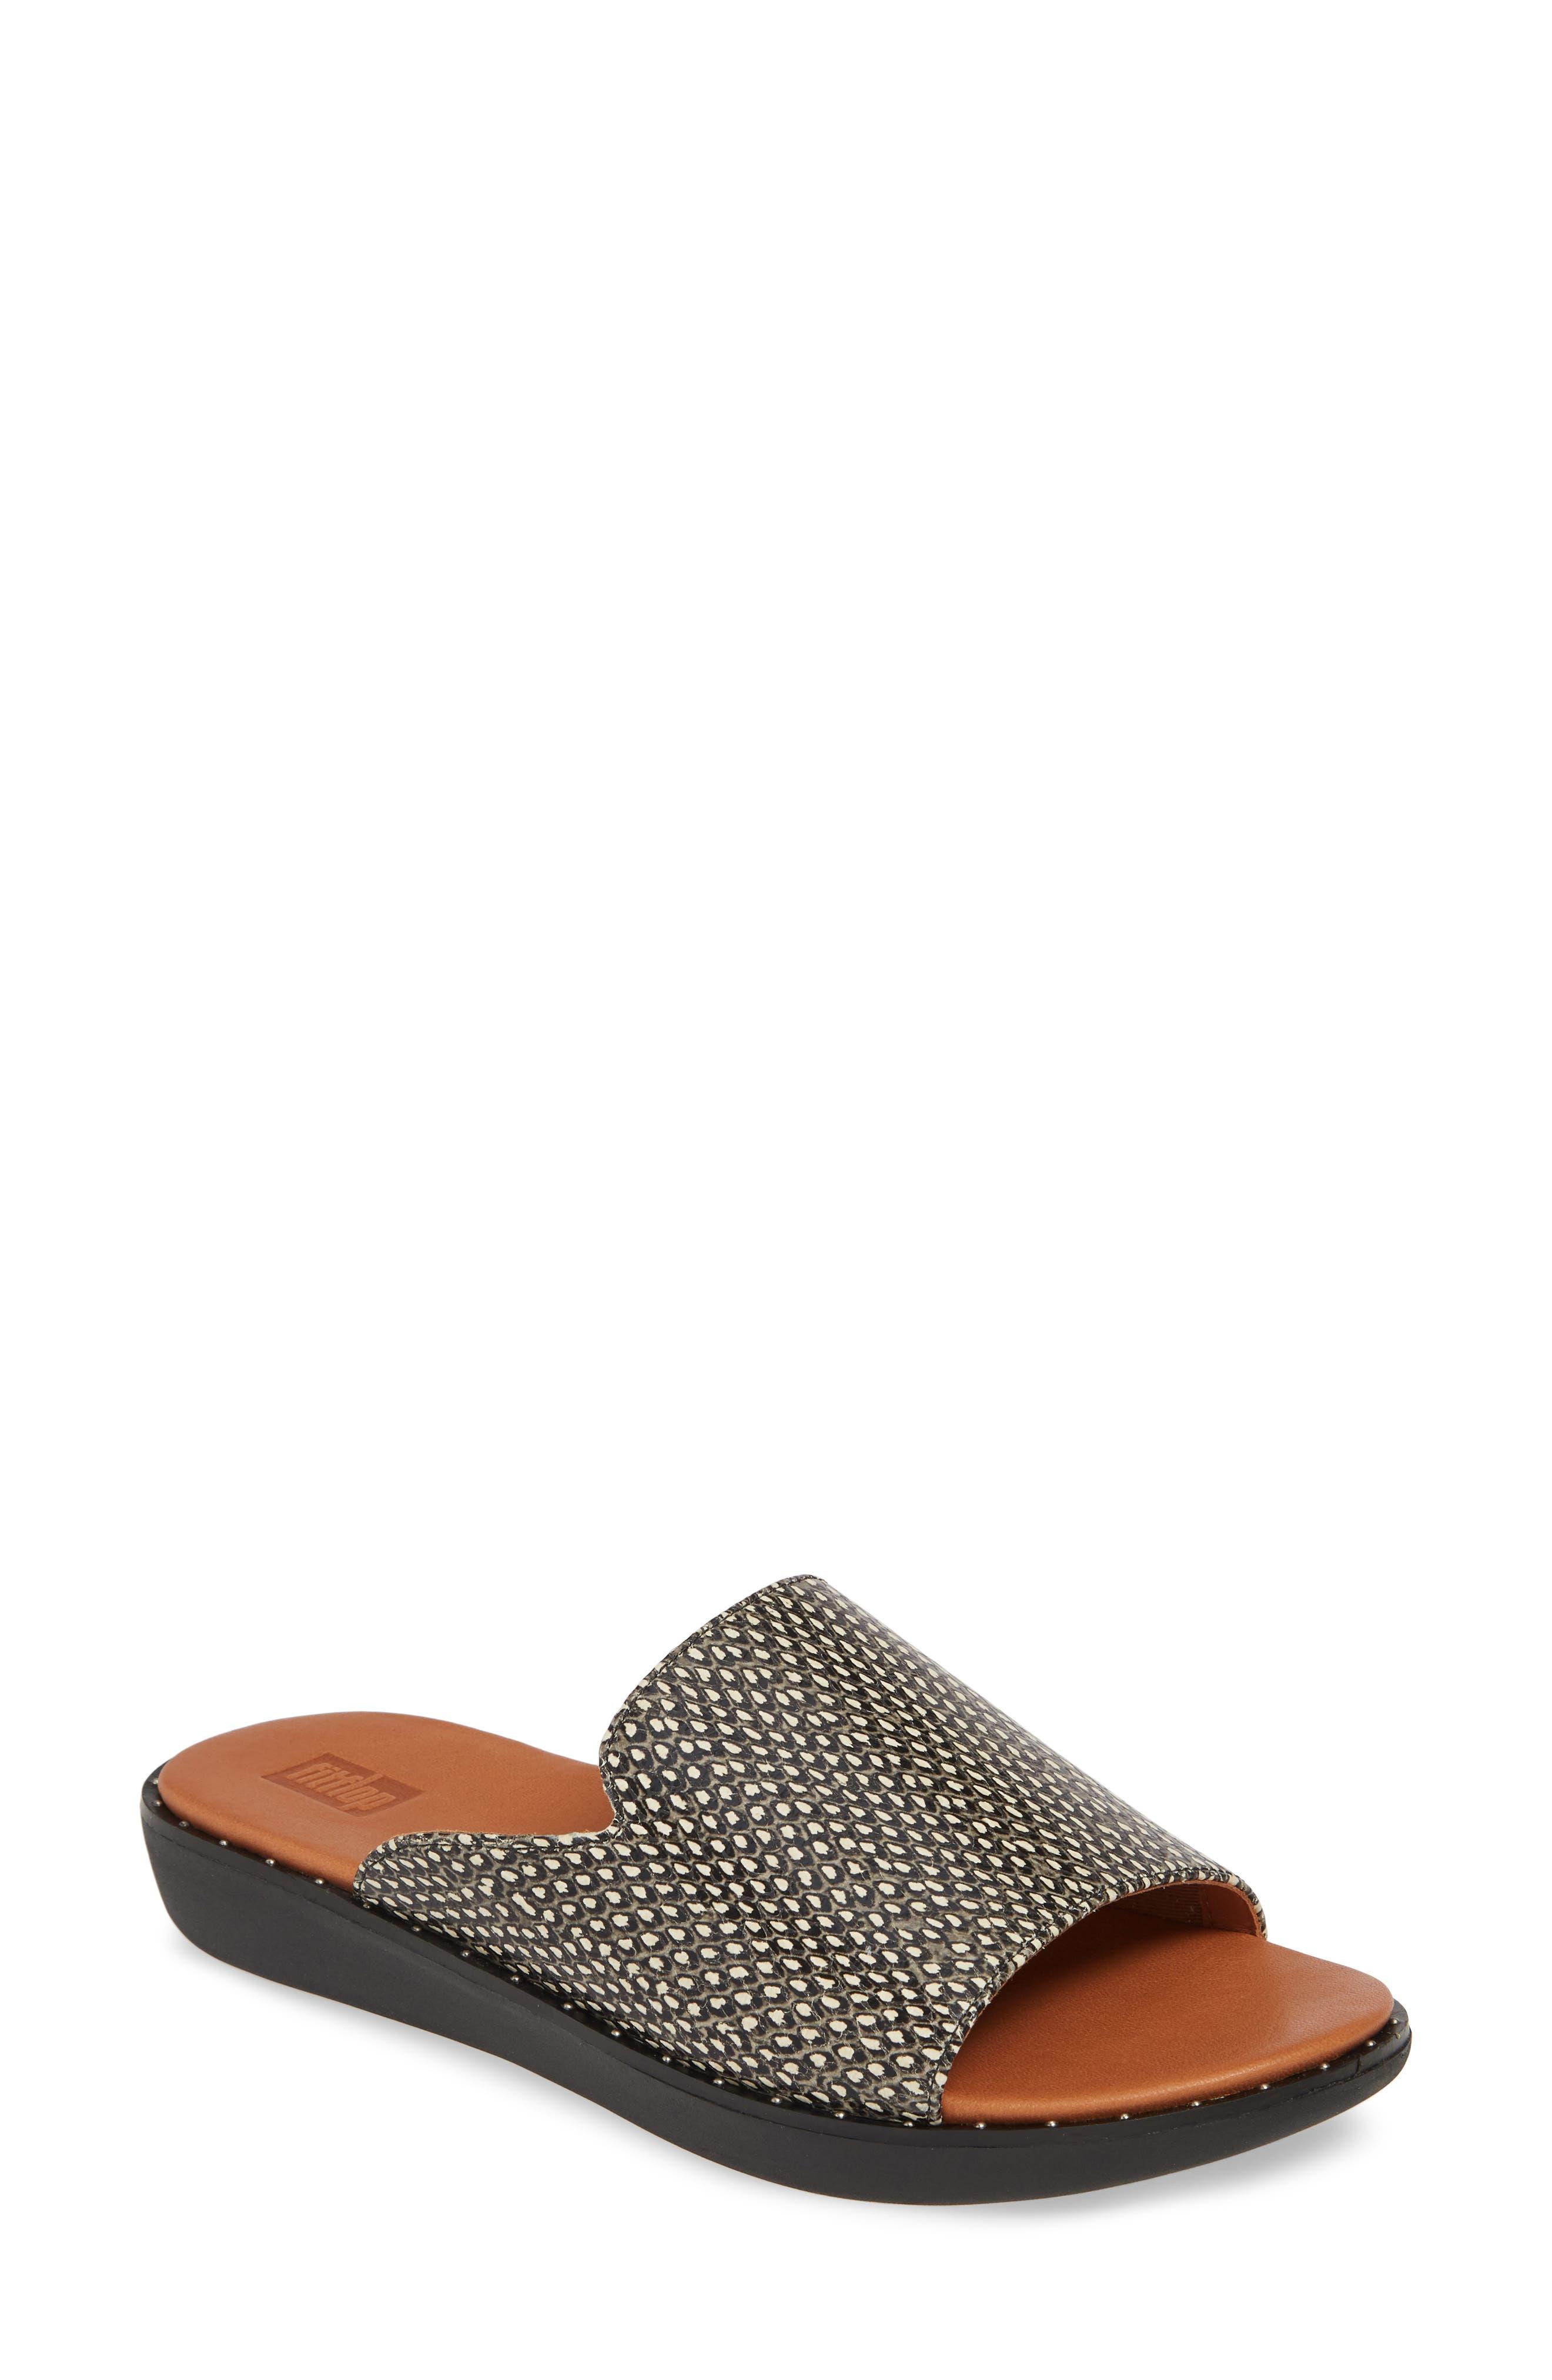 Saffi Dotted Slide Sandal, Main, color, 001